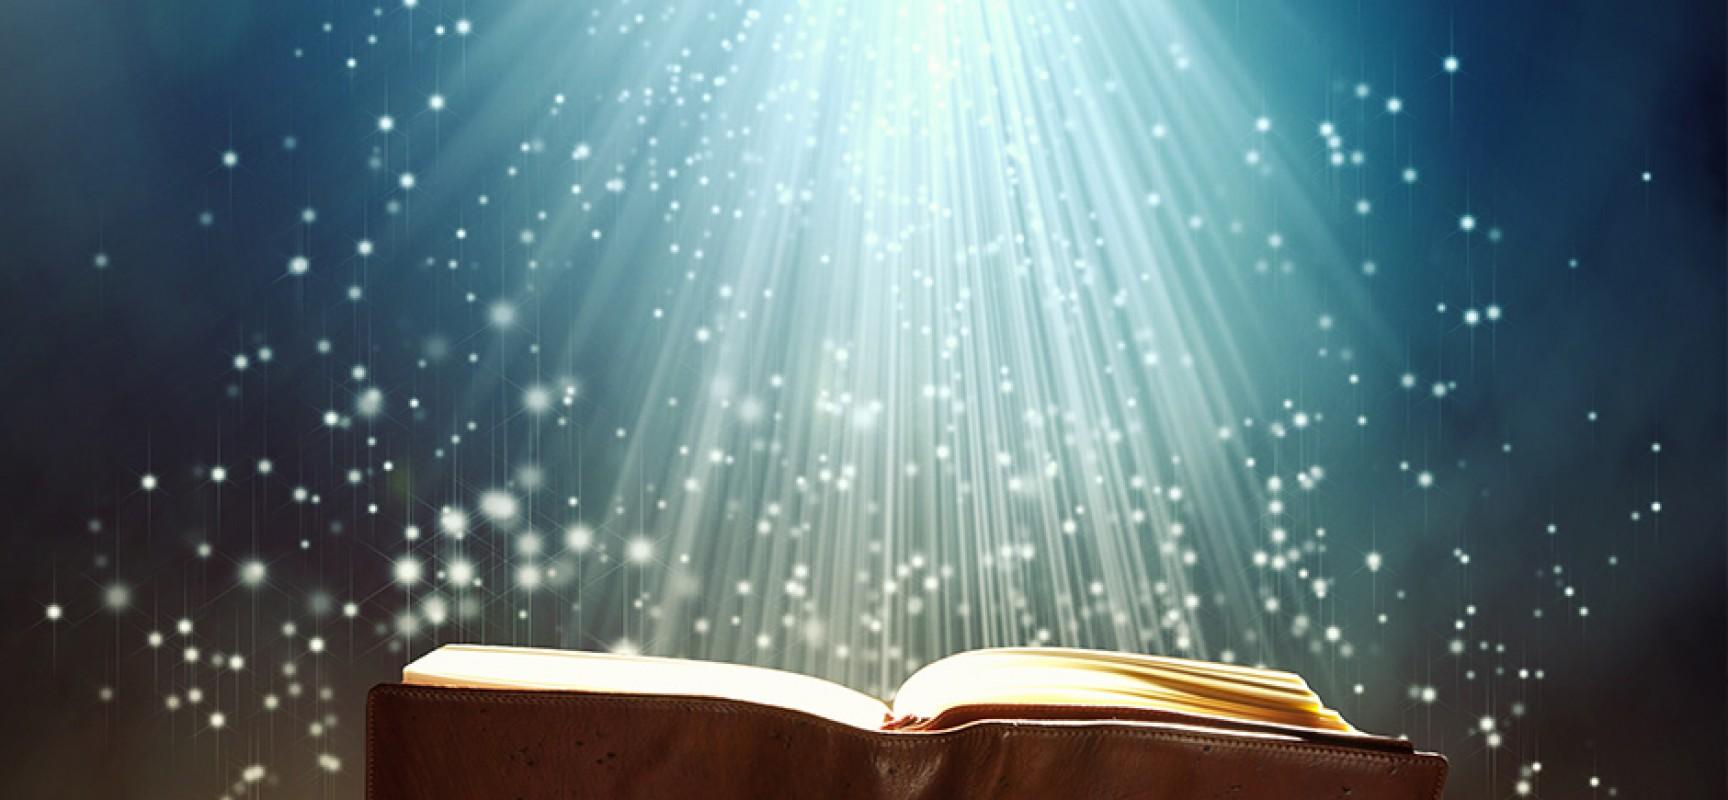 Resultado de imagen para revelación divina y ciencia